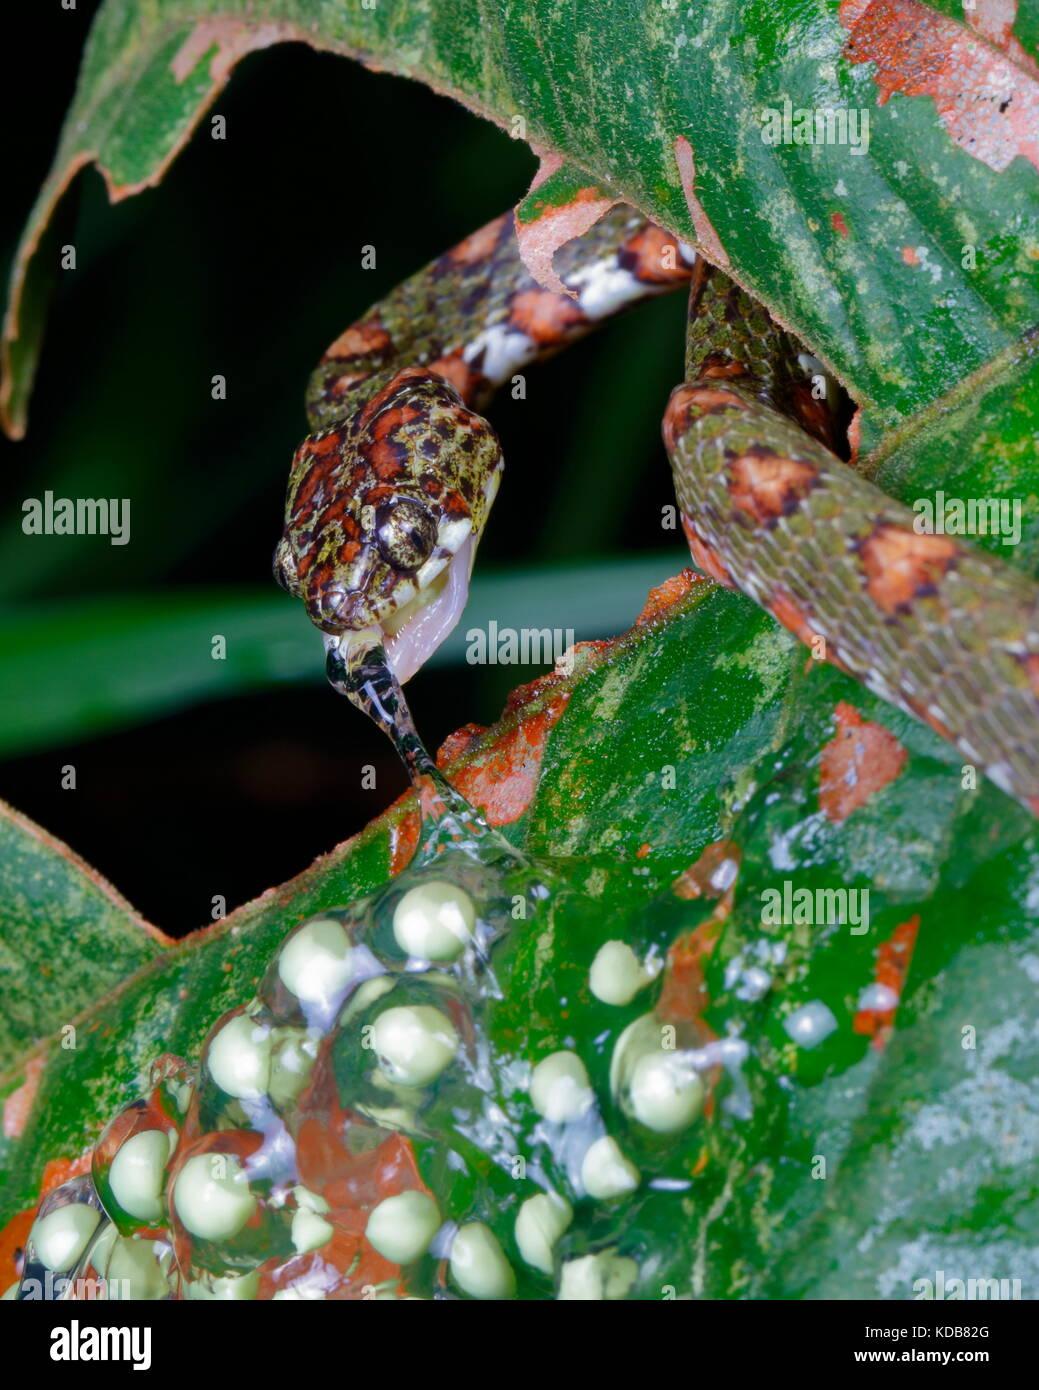 Un caracol Sucker, Sibon Argus argus, alimentándose de huevos de rana arborícola de ojos rojos. Imagen De Stock